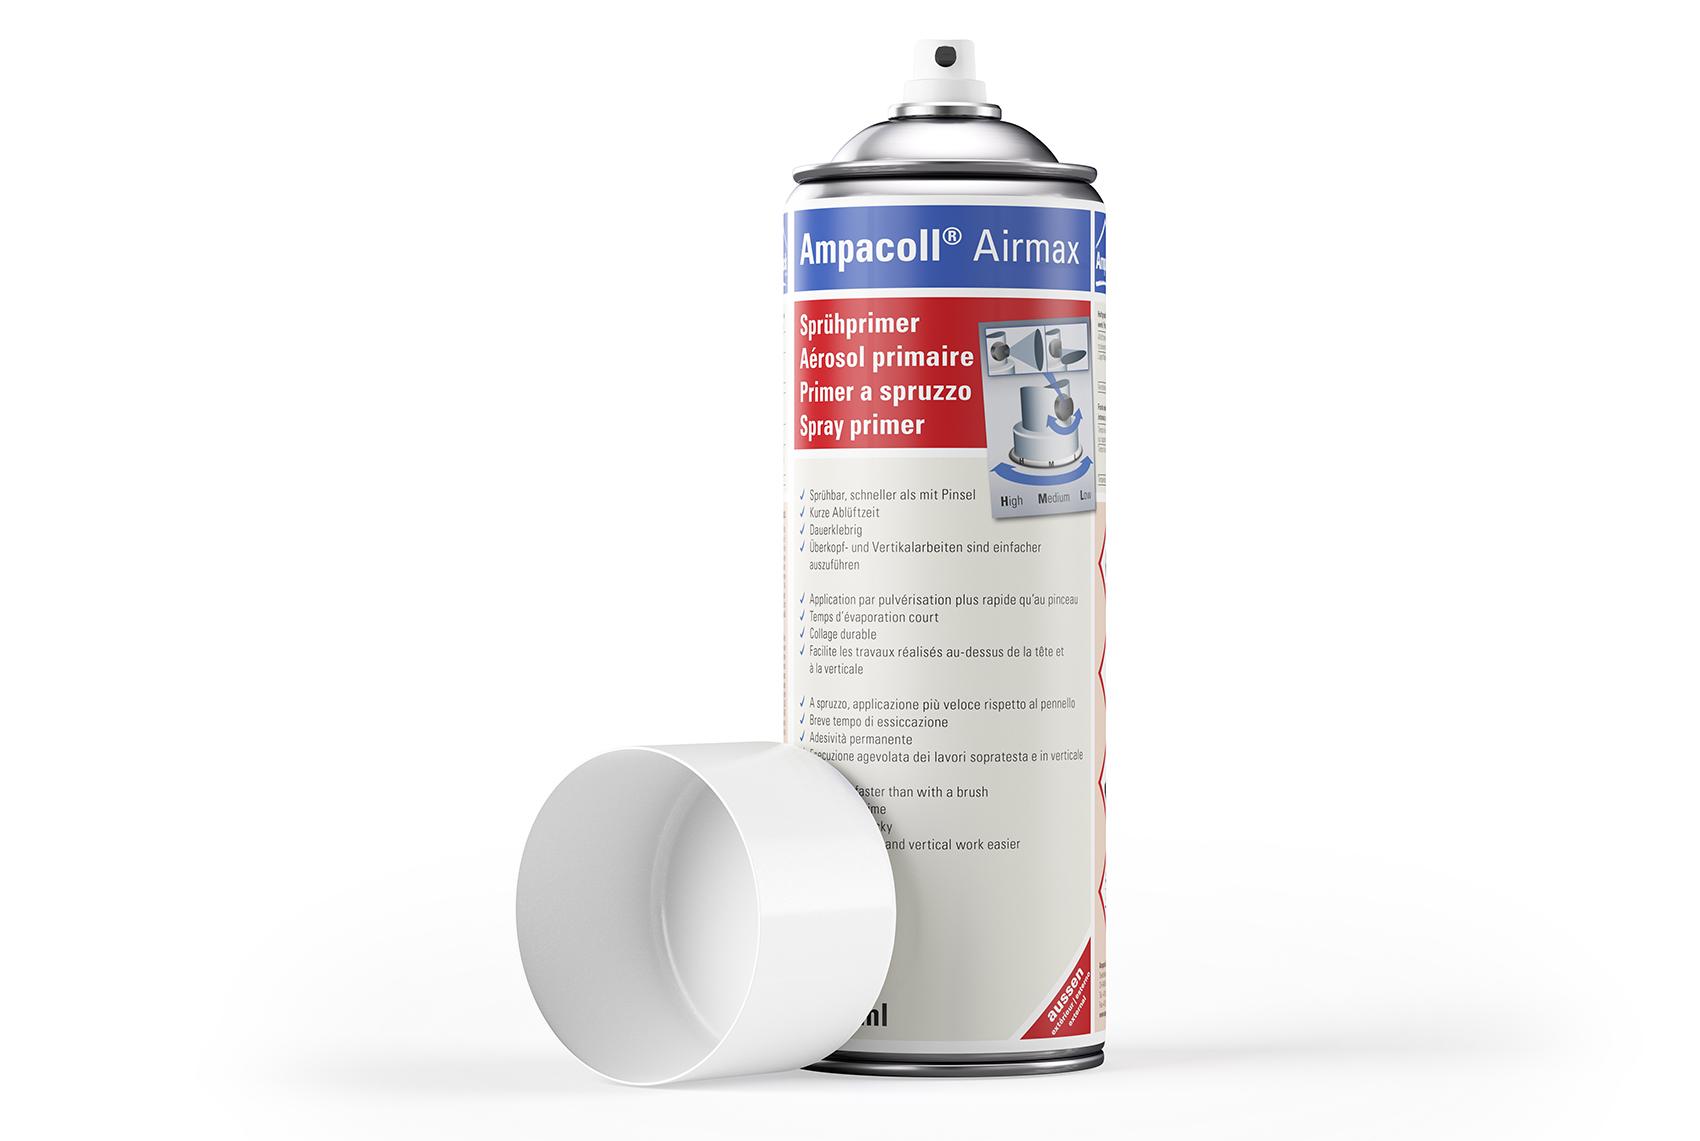 Ampacoll Airmax - Sprühprimer von Ampack